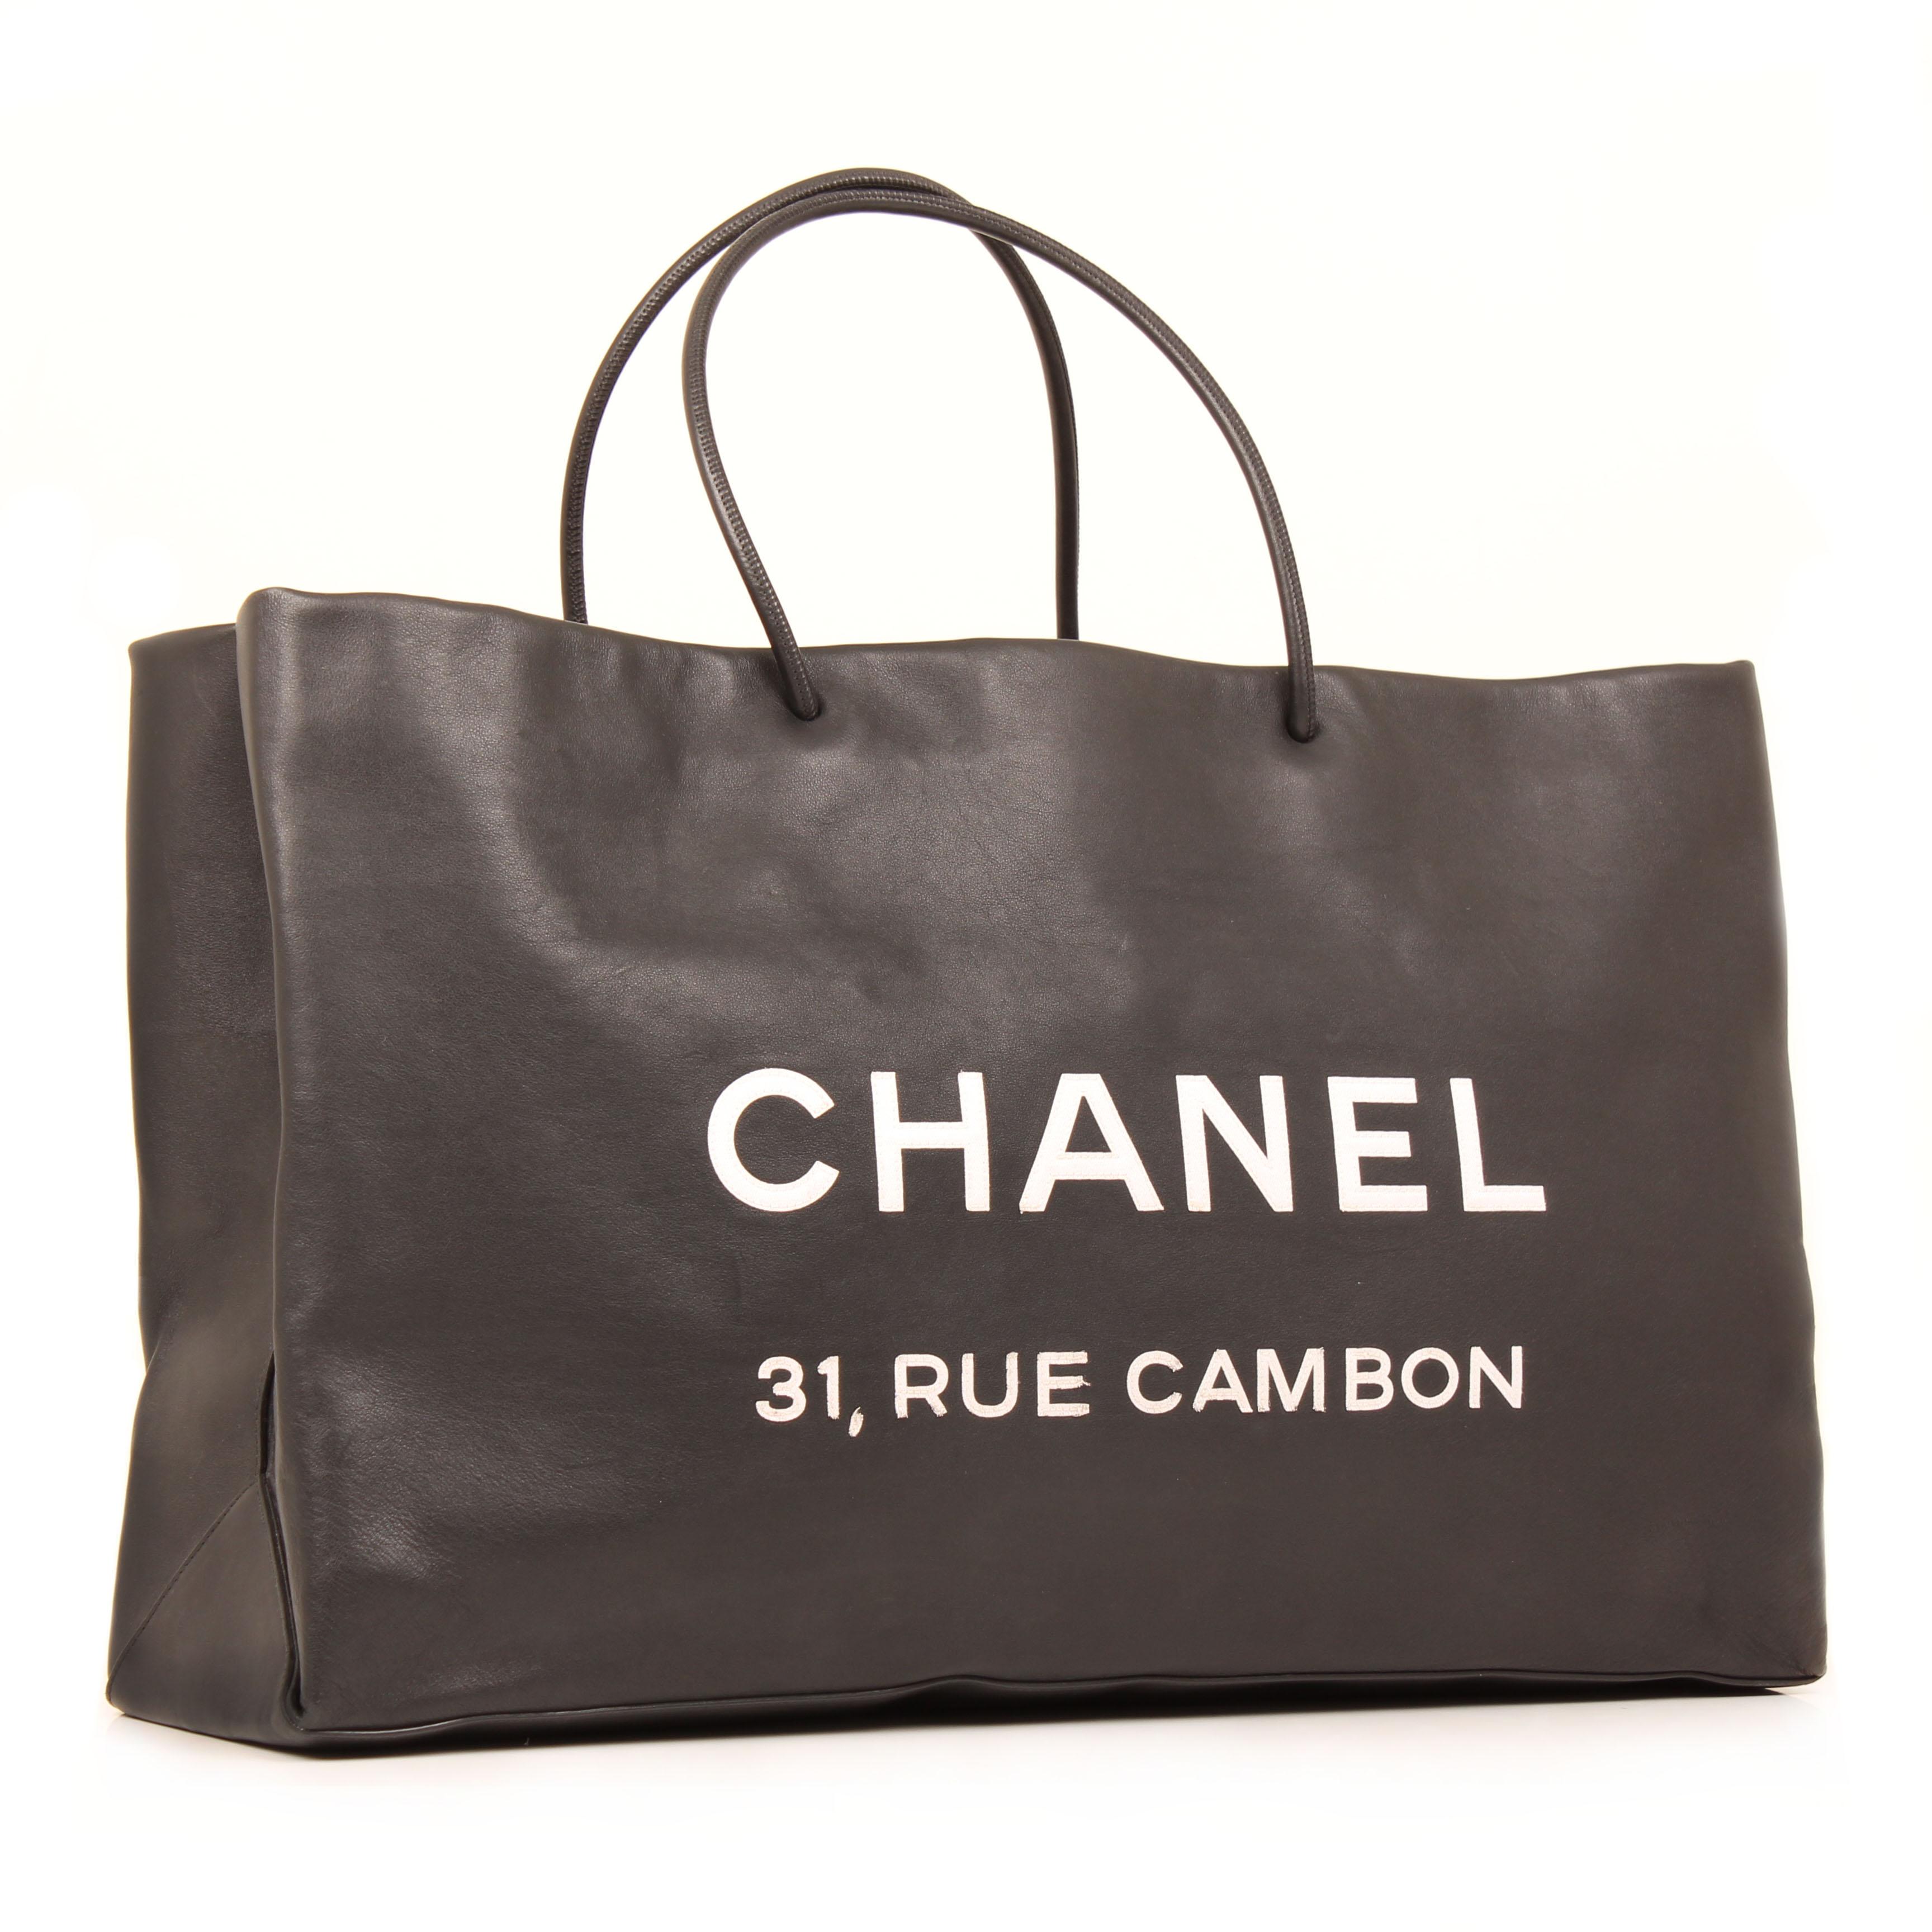 Imagen general del bolso tote chanel 31 rue cambon piel negro